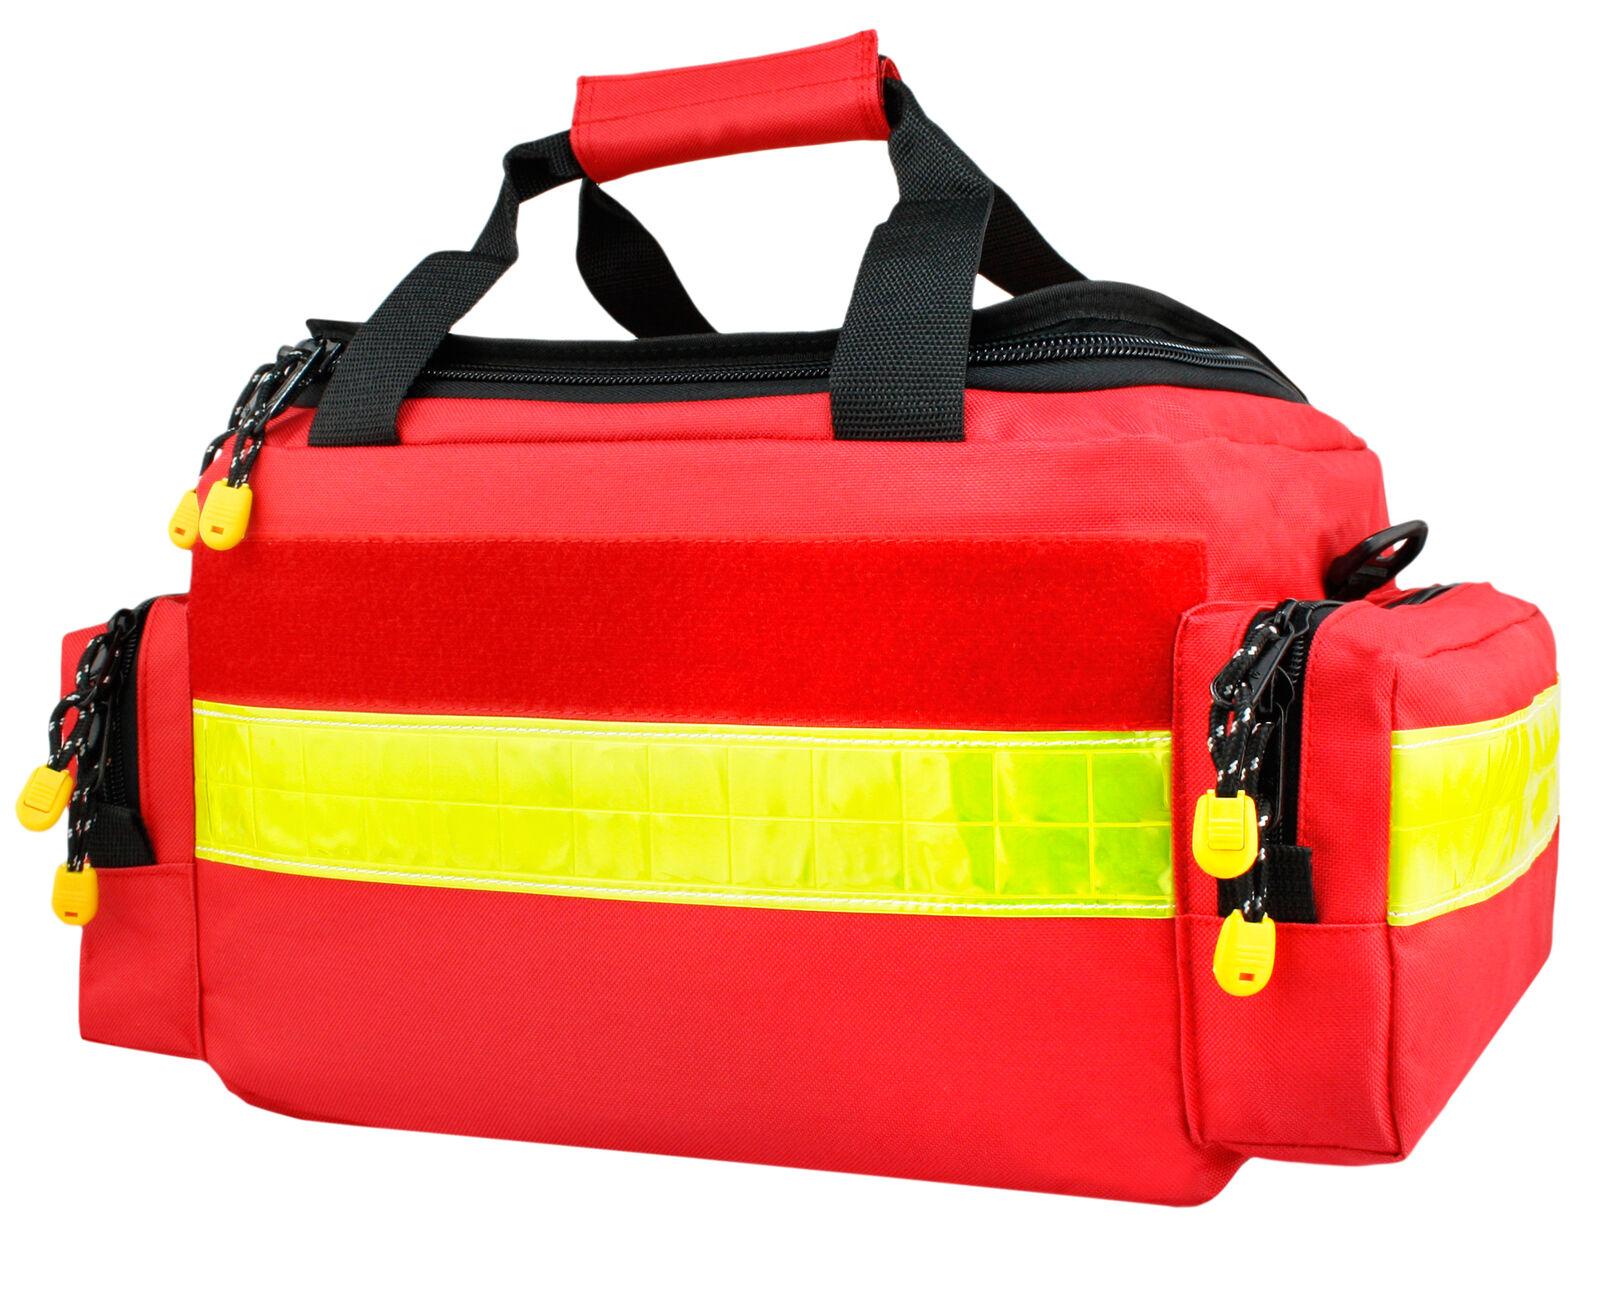 DOCbag Notfalltasche M Polyester Rot Erste-Hilfe-Tasche First Responder